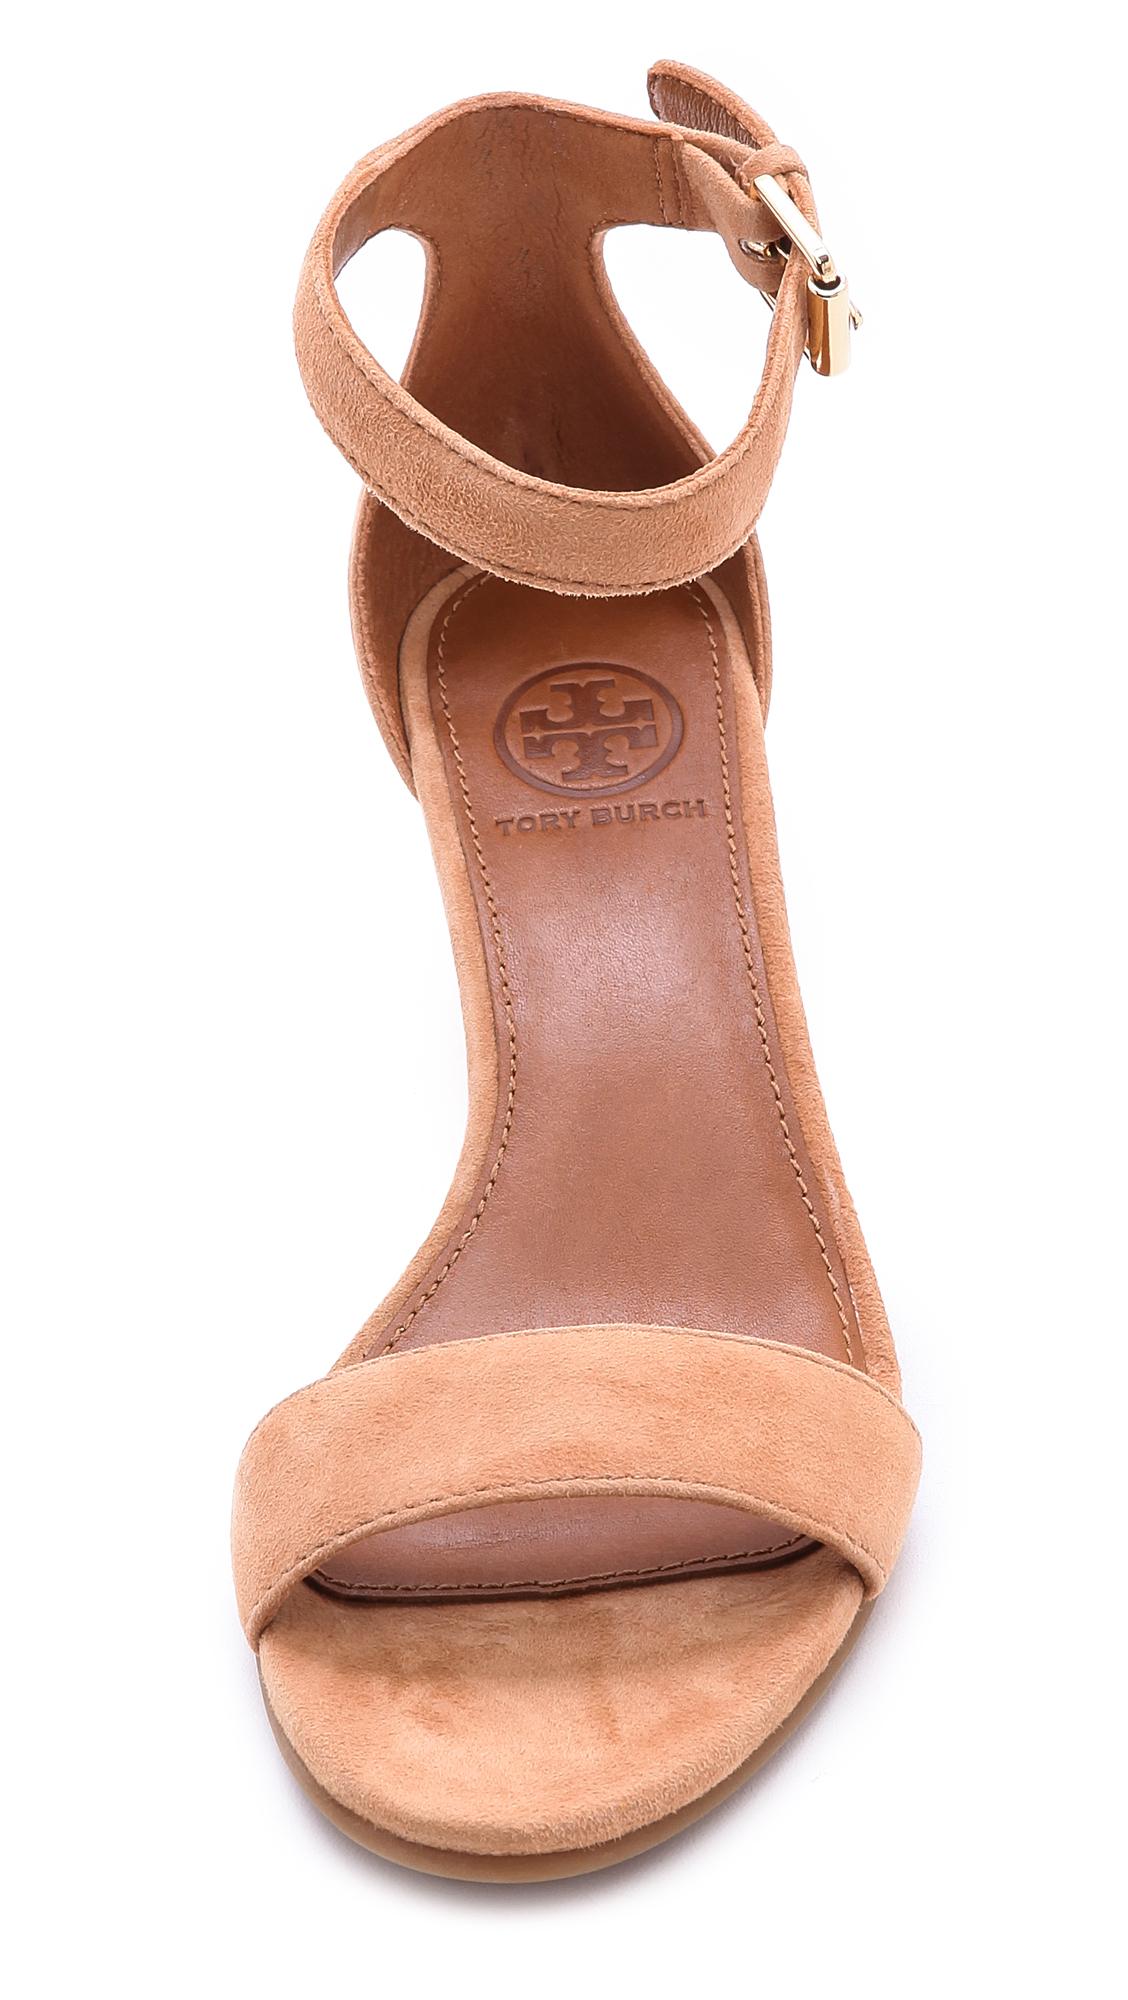 dcc7355fd7a7 Tory Burch Savannah Wedge Sandals